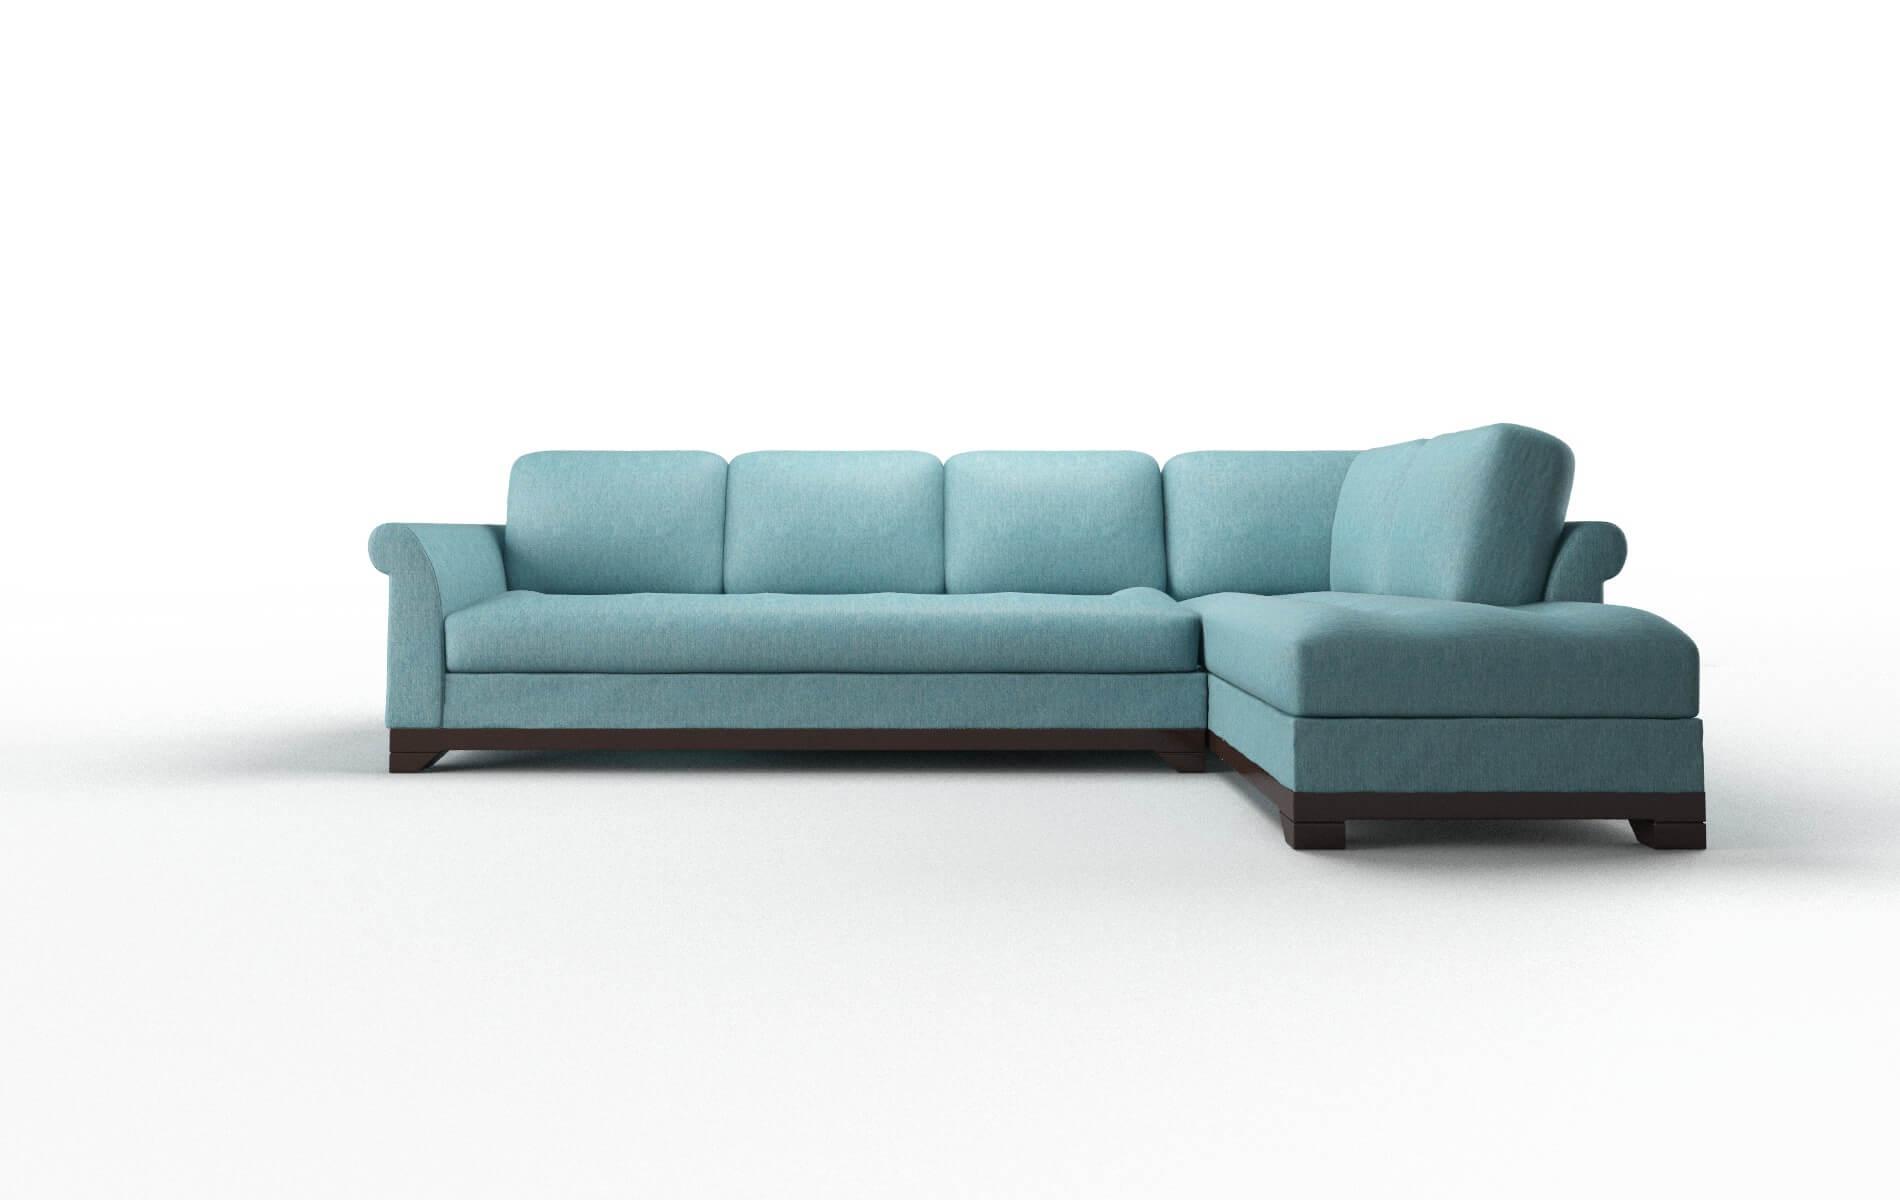 Denver Cosmo Turquoise Panel espresso legs 1